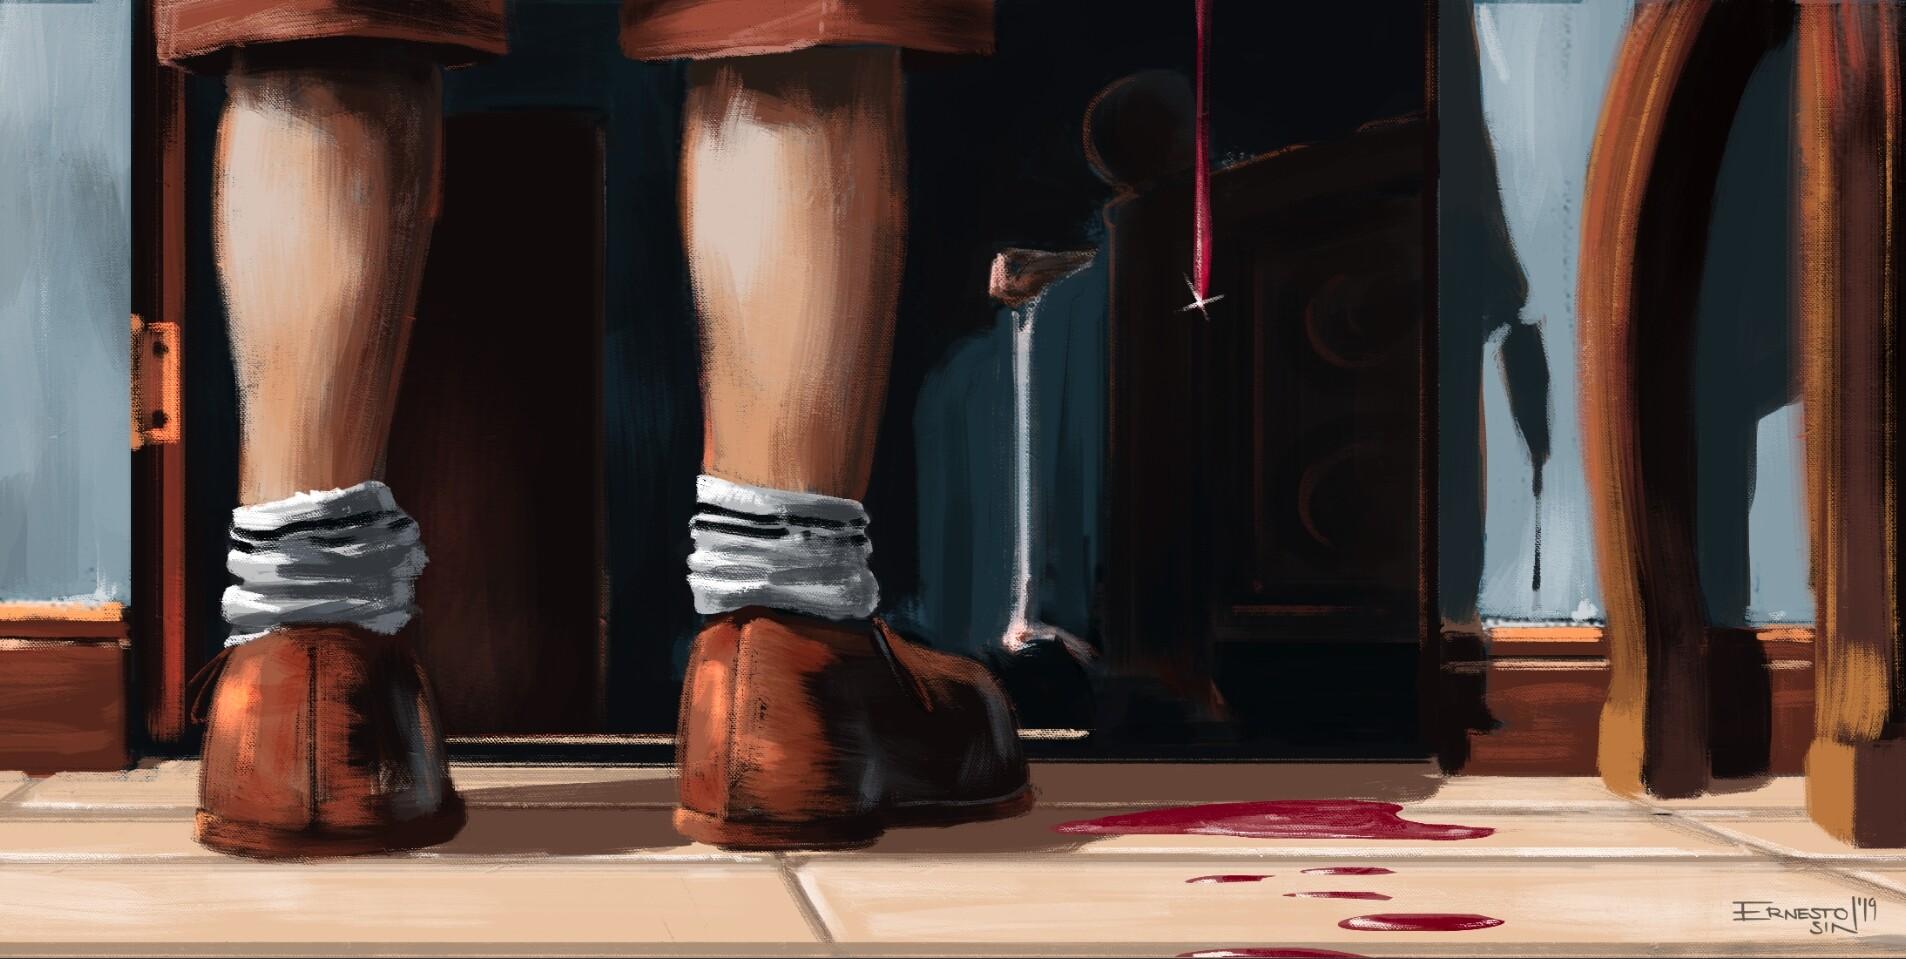 Ernesto sin scene 005 1